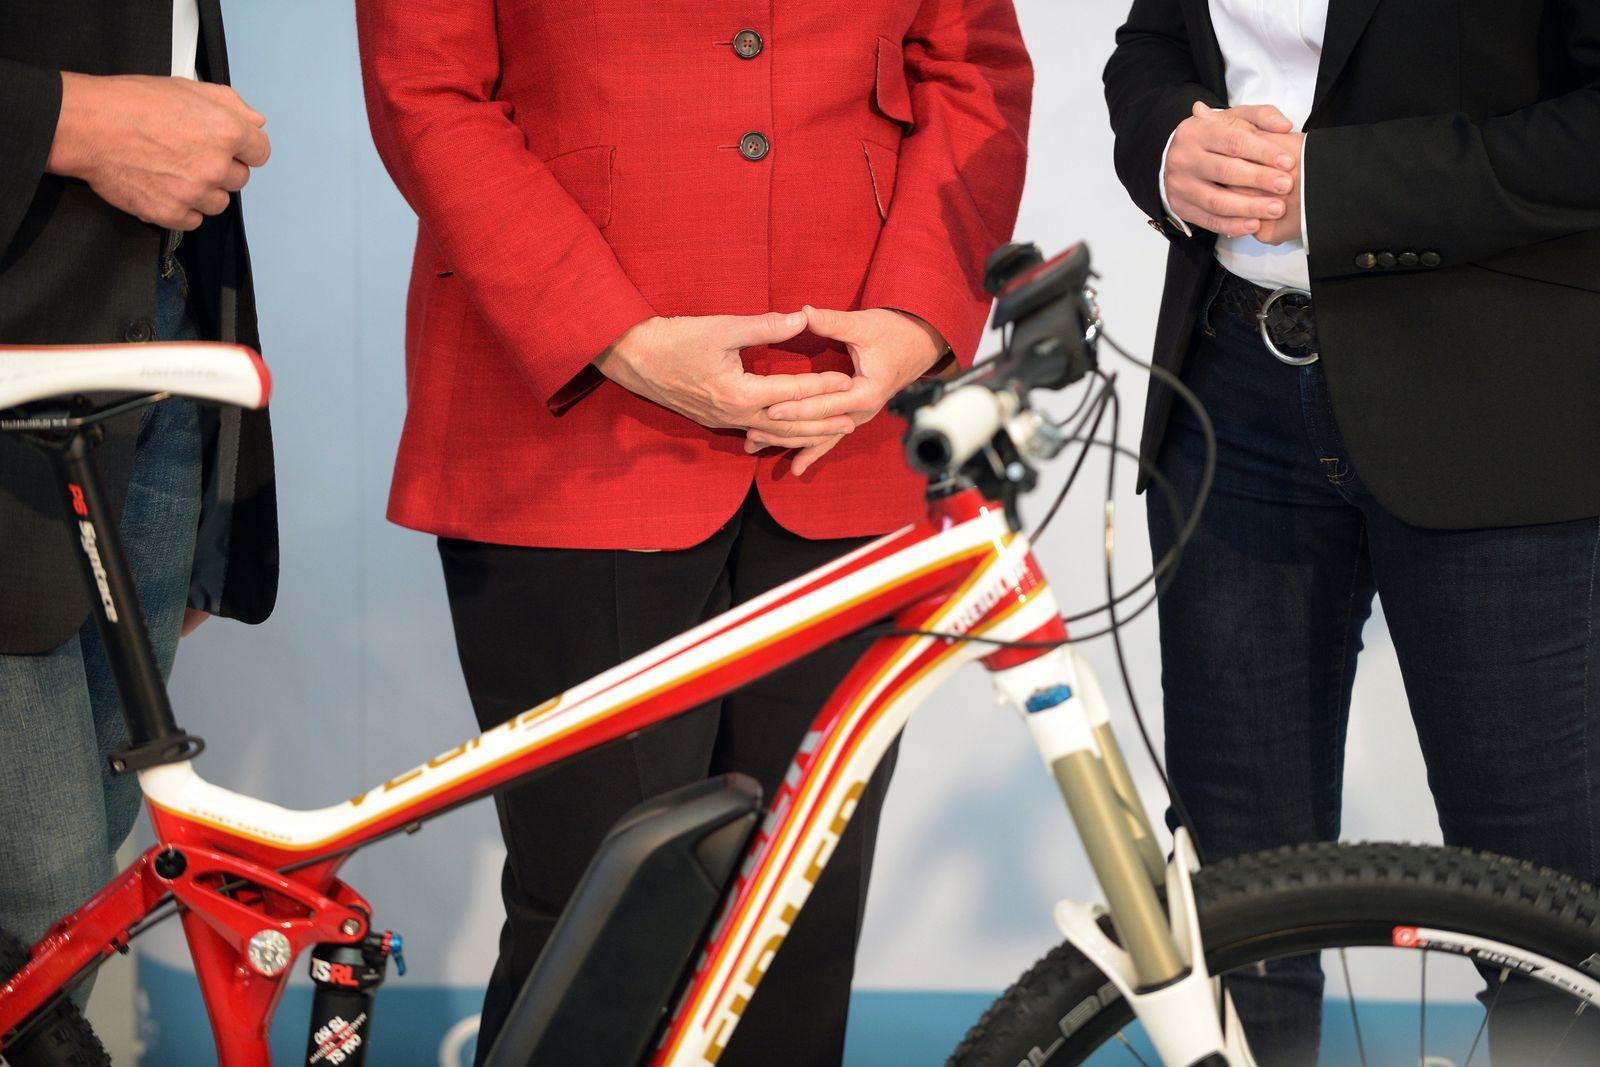 Bundeskanzlerin Angela Merkel besucht Eurobike